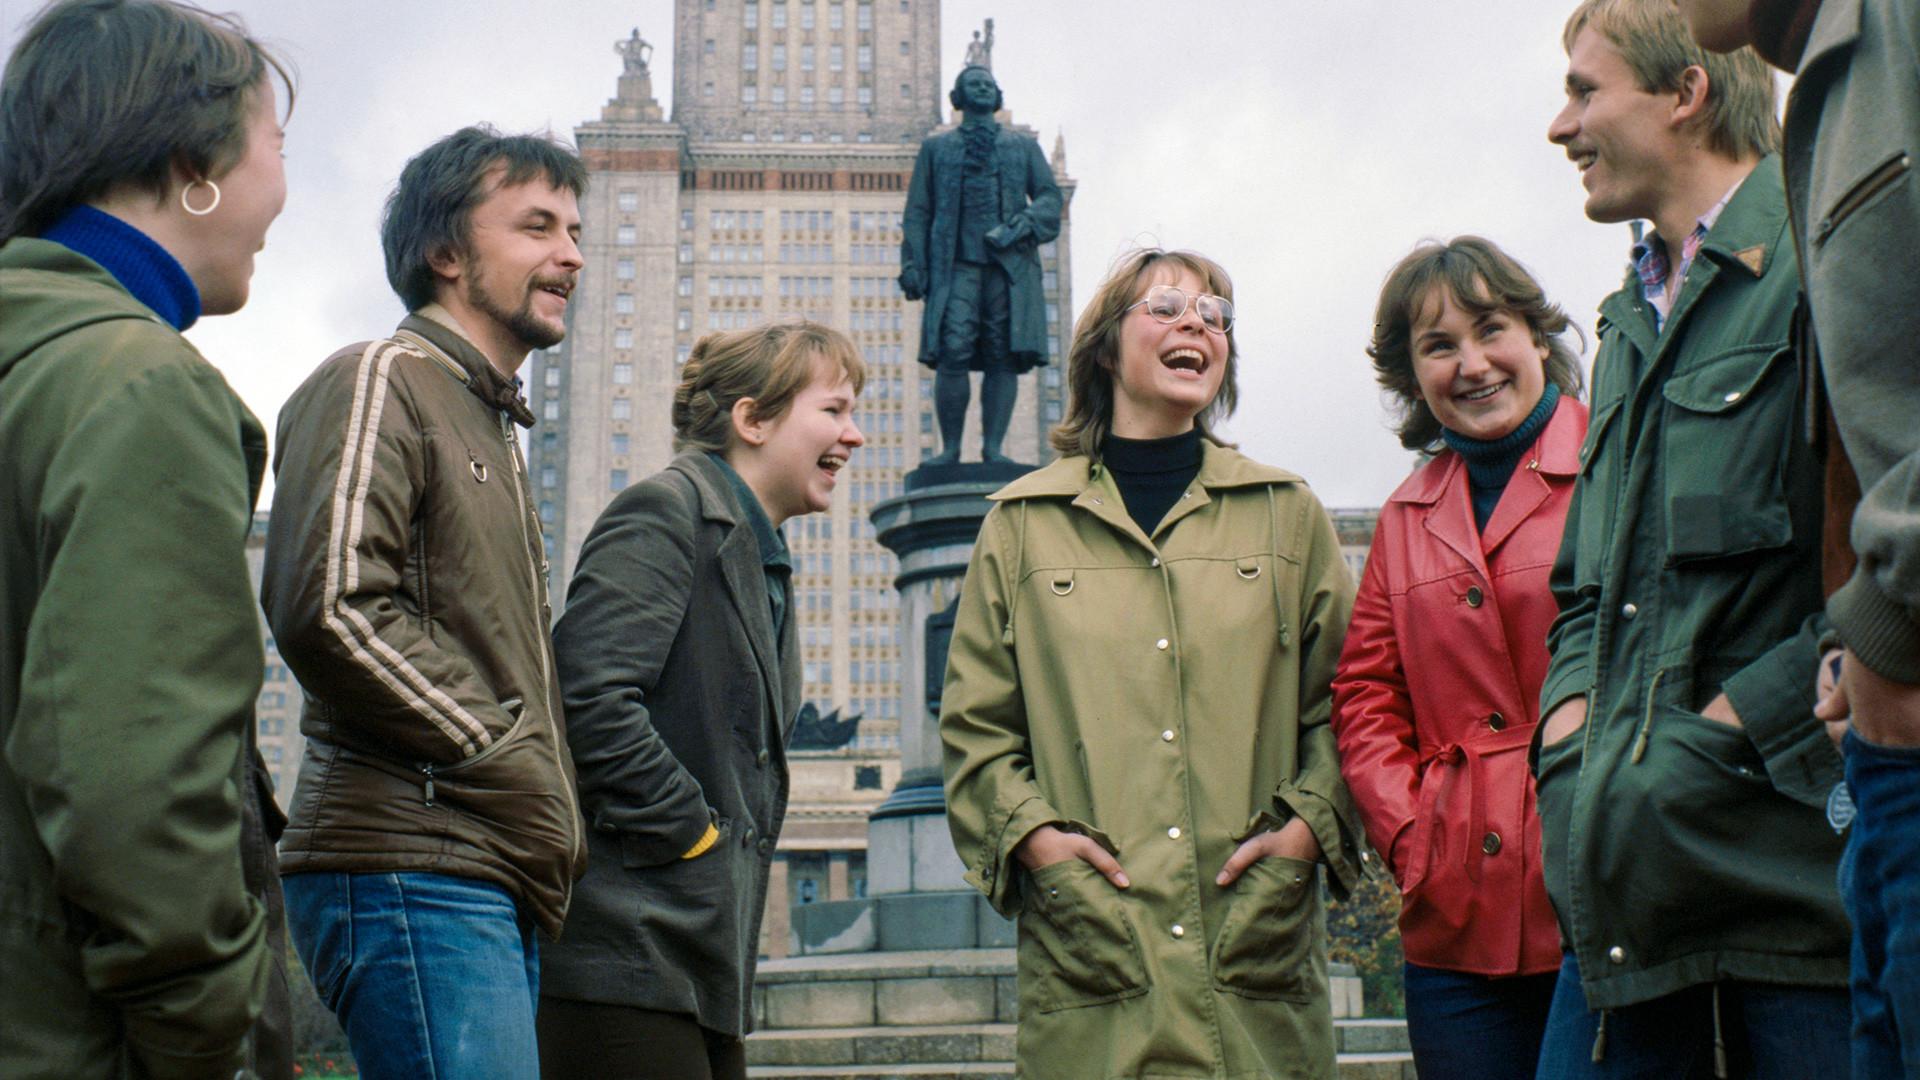 1 октомври, 1979 година. Студенти от Германската демократична република учат в Московския държавен университет